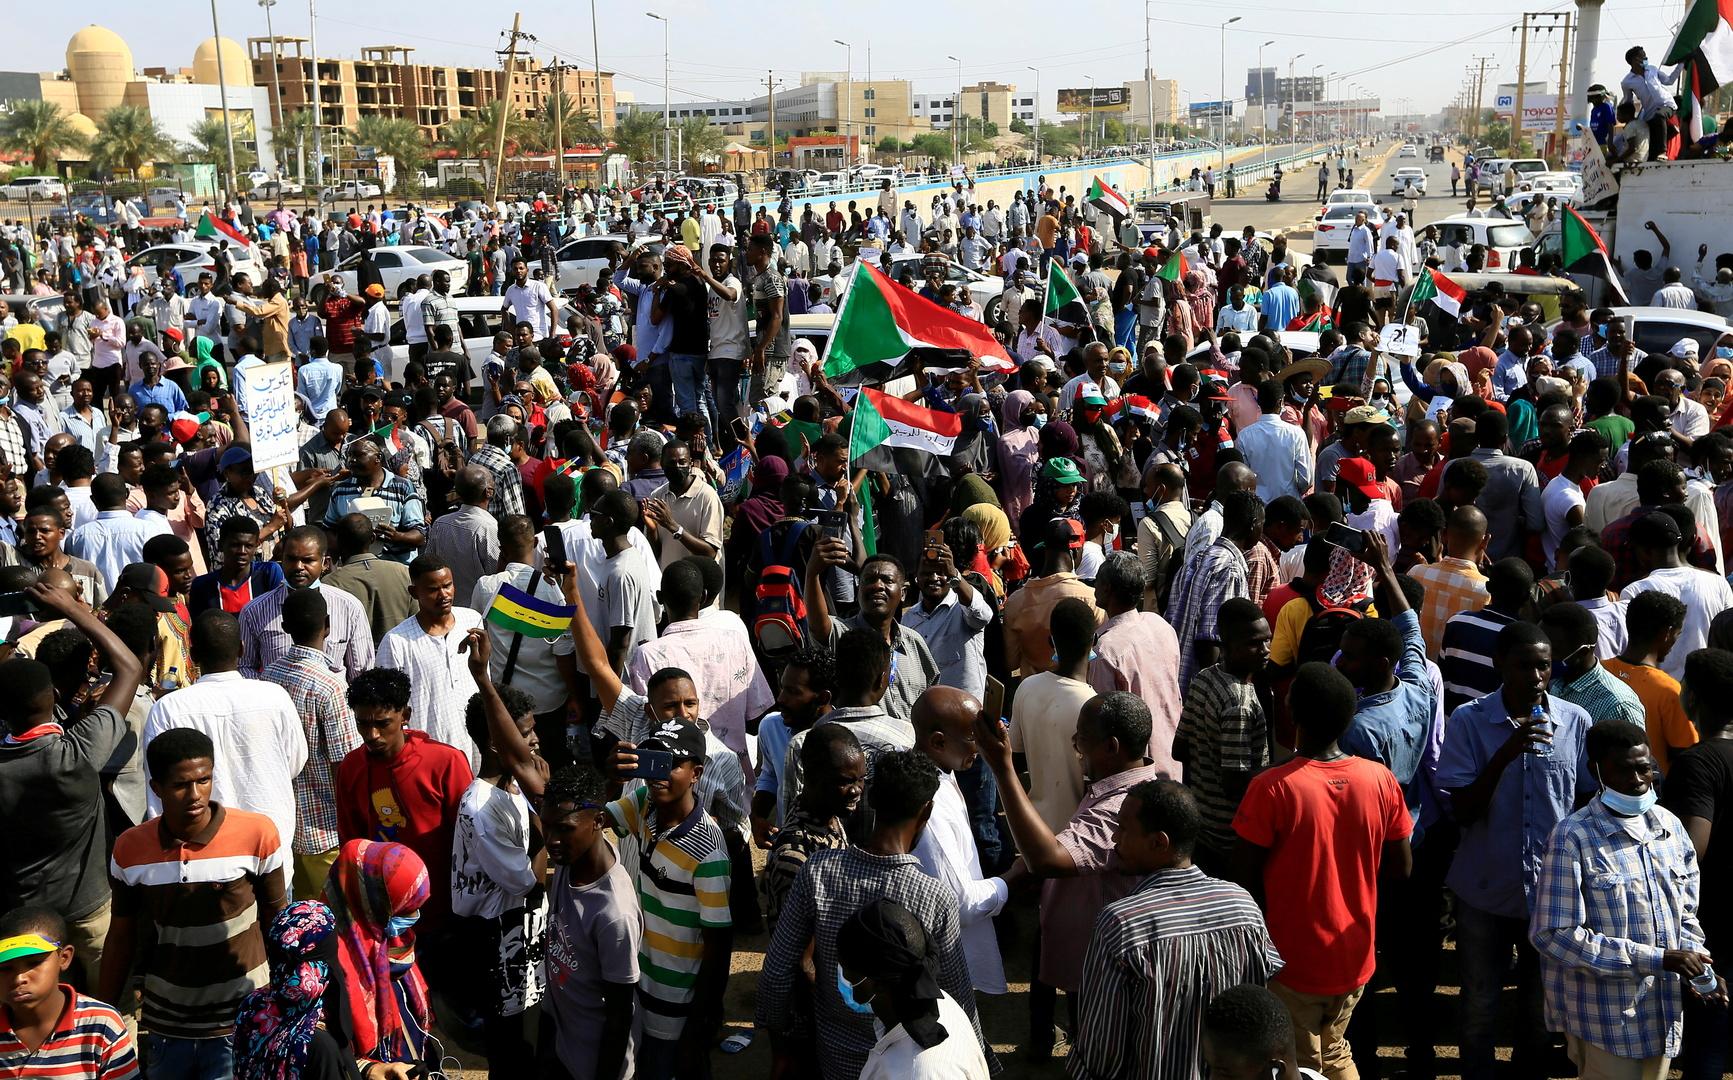 الجامعة العربية تعرب عن قلقها من تطورات الأوضاع في السودان